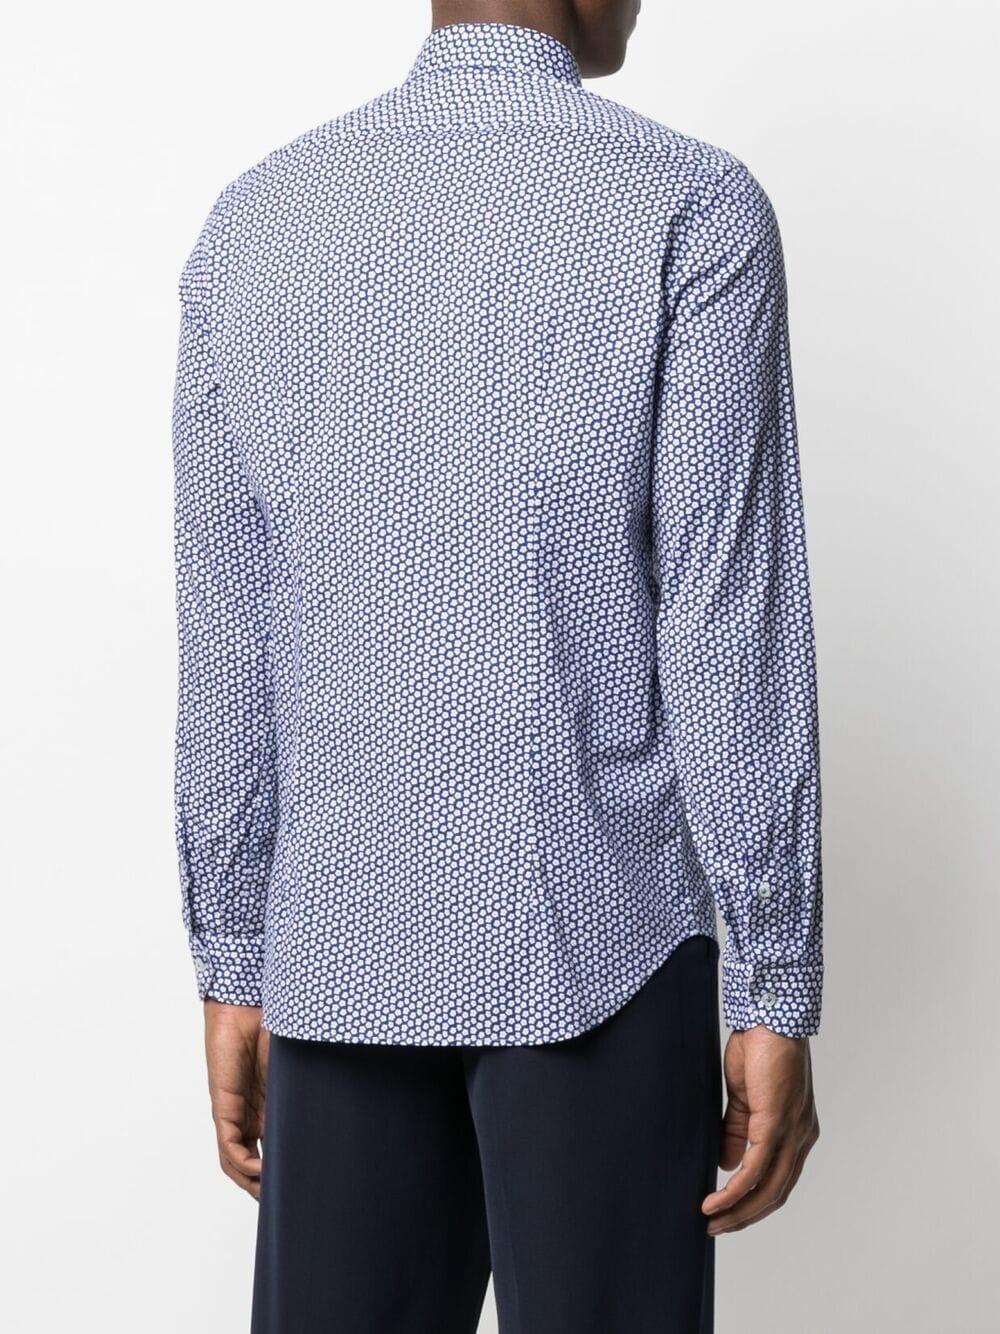 Camicia in cotone in micro fantasia floreale blu e bianca MANUEL RITZ | Camicie | 3032E601L-21324188